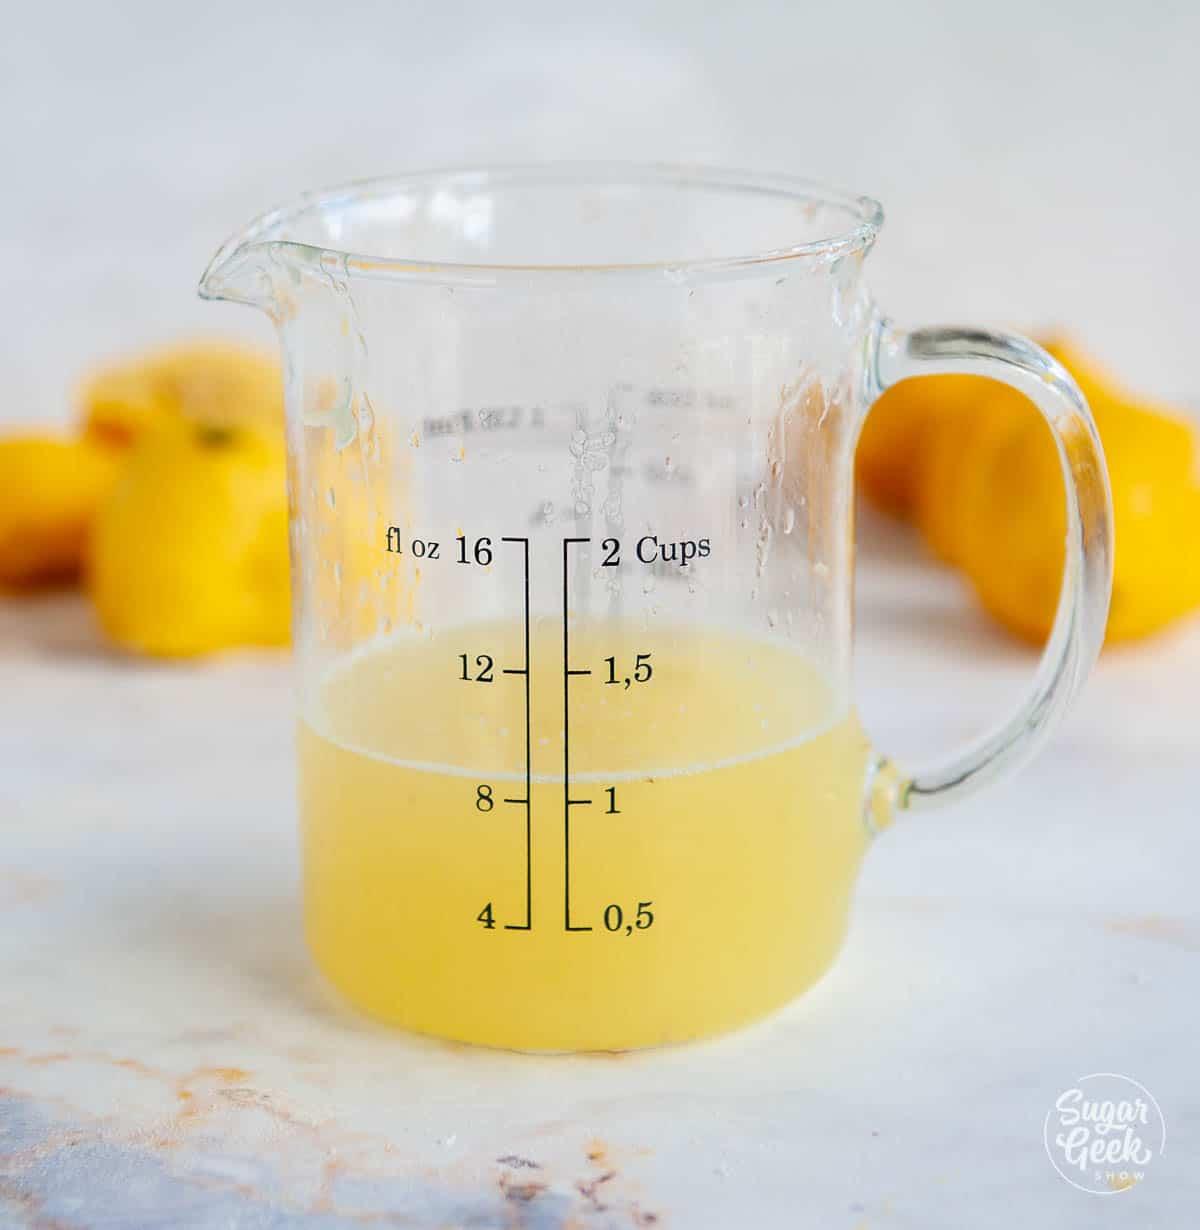 closeup of lemon juice in a measuring cup